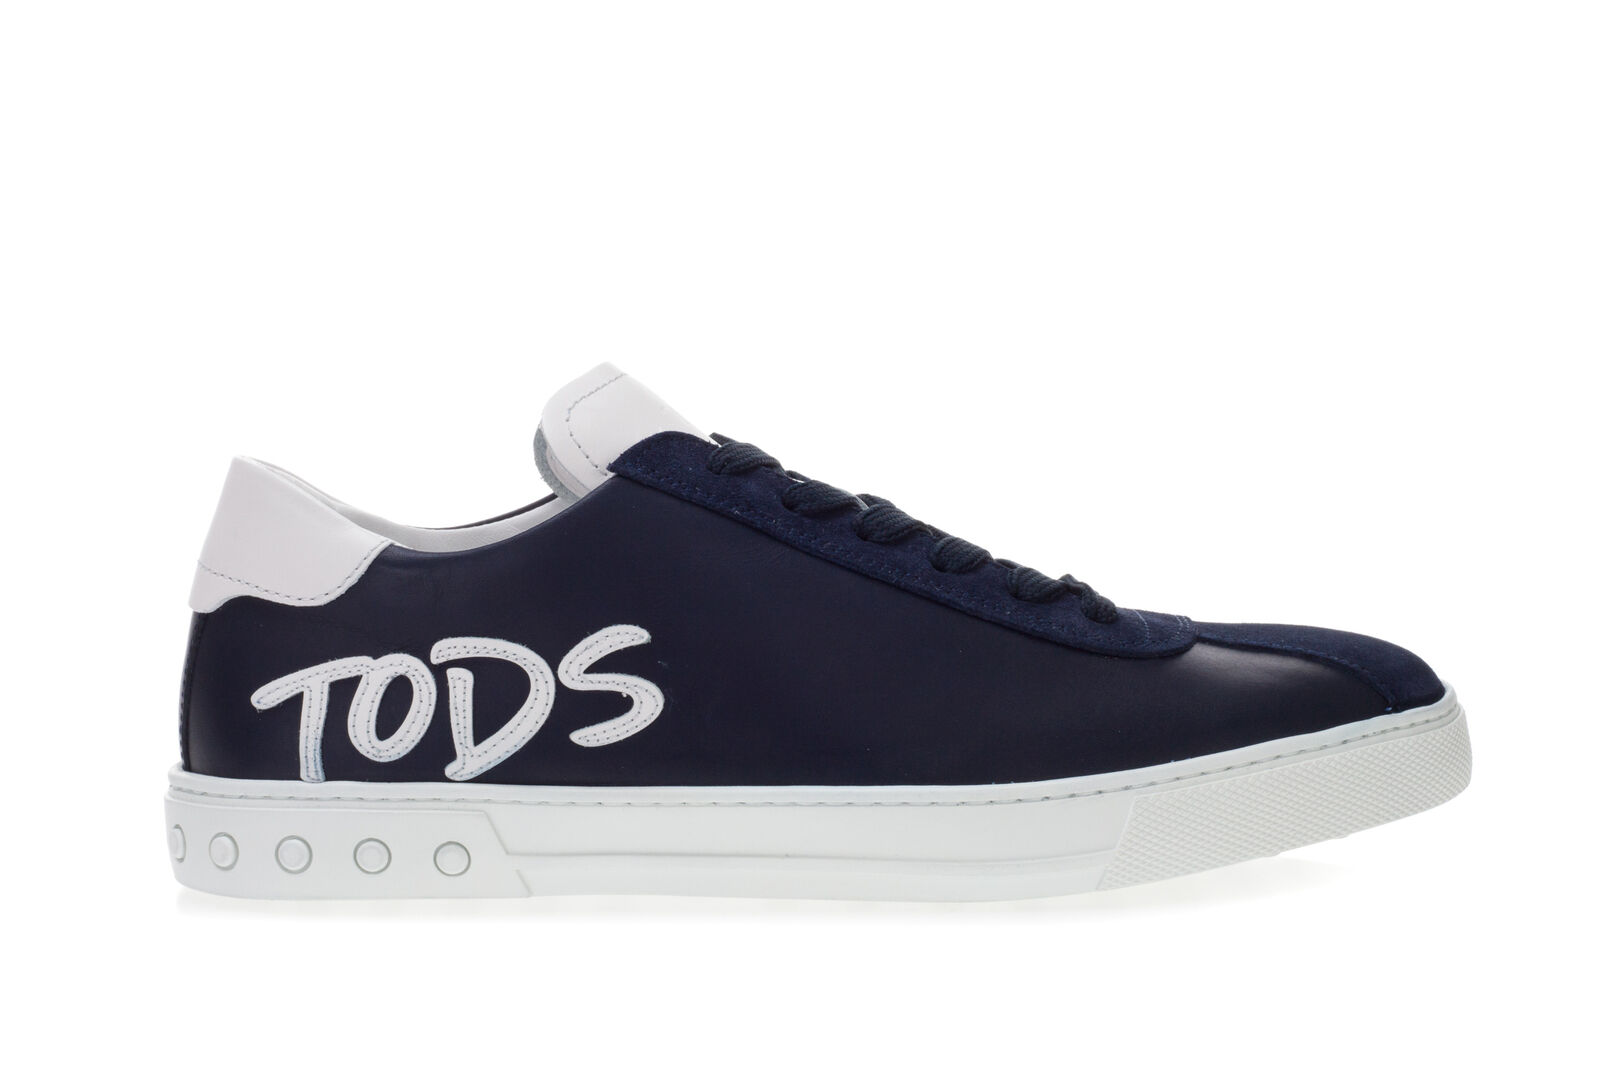 TOD'S Scarpe scarpe da ginnastica Uomo In Pelle E Camoscio Blu Con Logo Laterale Bianco